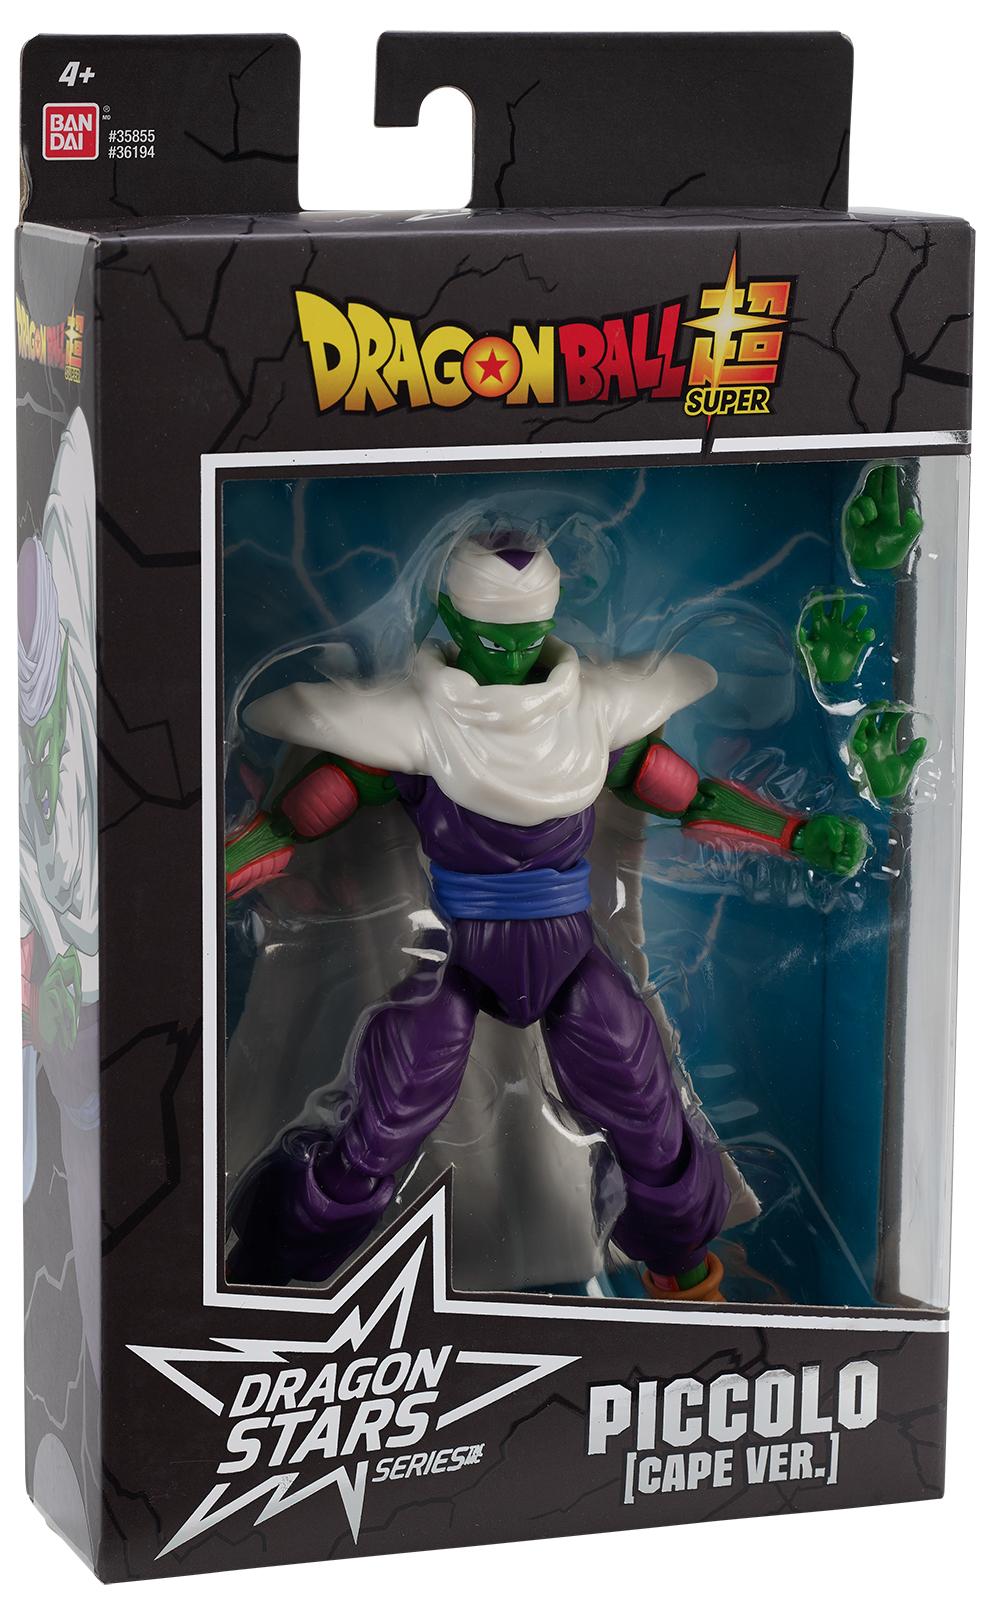 DRAGON BALL DRAGON STARS PICCOLO (CAPE VER.) + Bonus